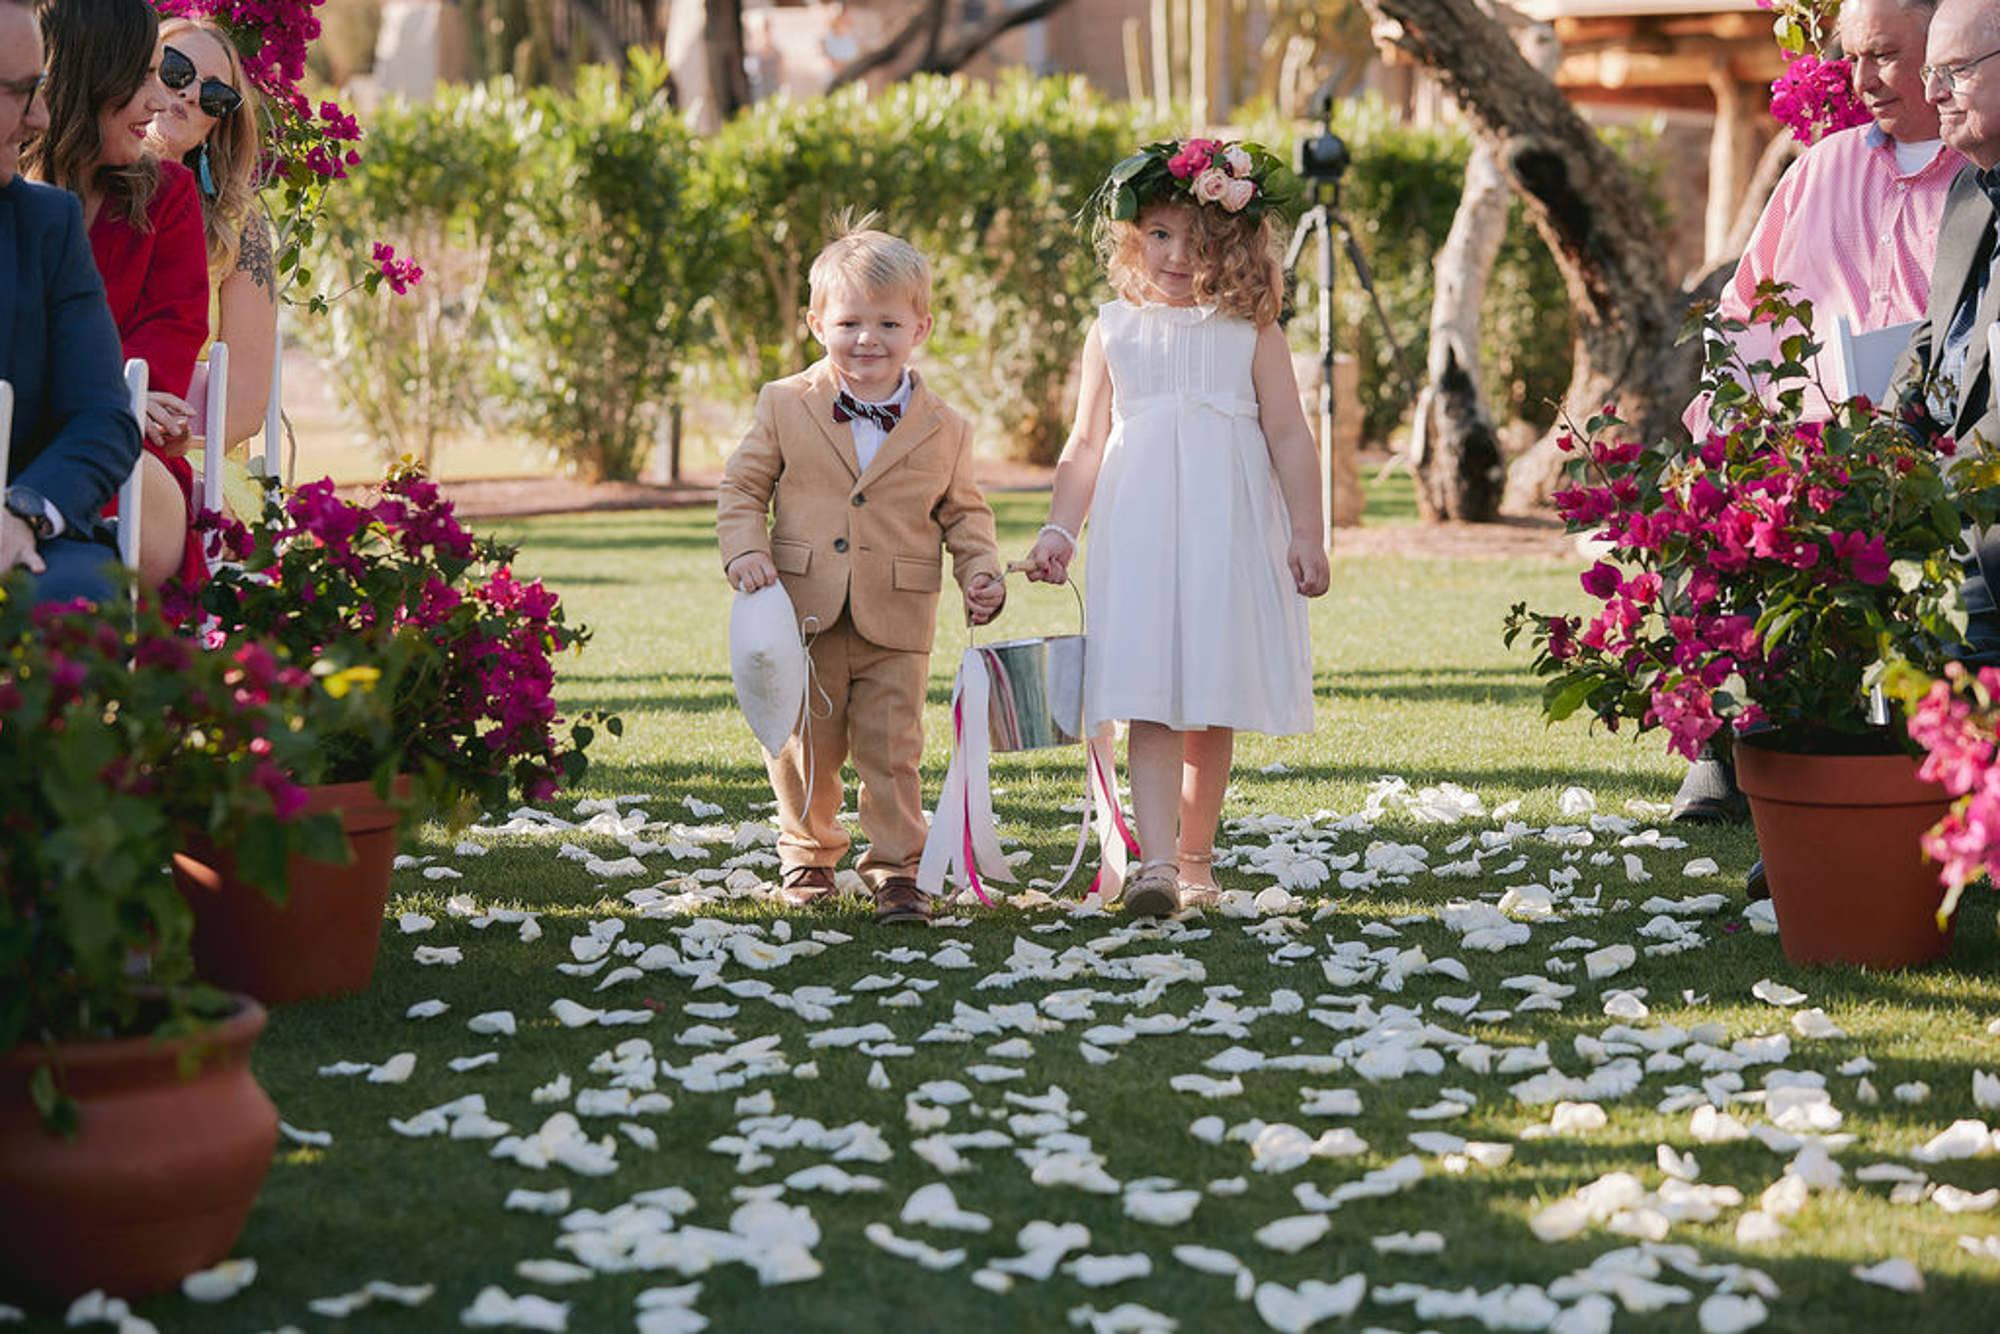 Darling ringer bearer and flower girl come down rose petal aisle - Roberto Valenzuela Weddings